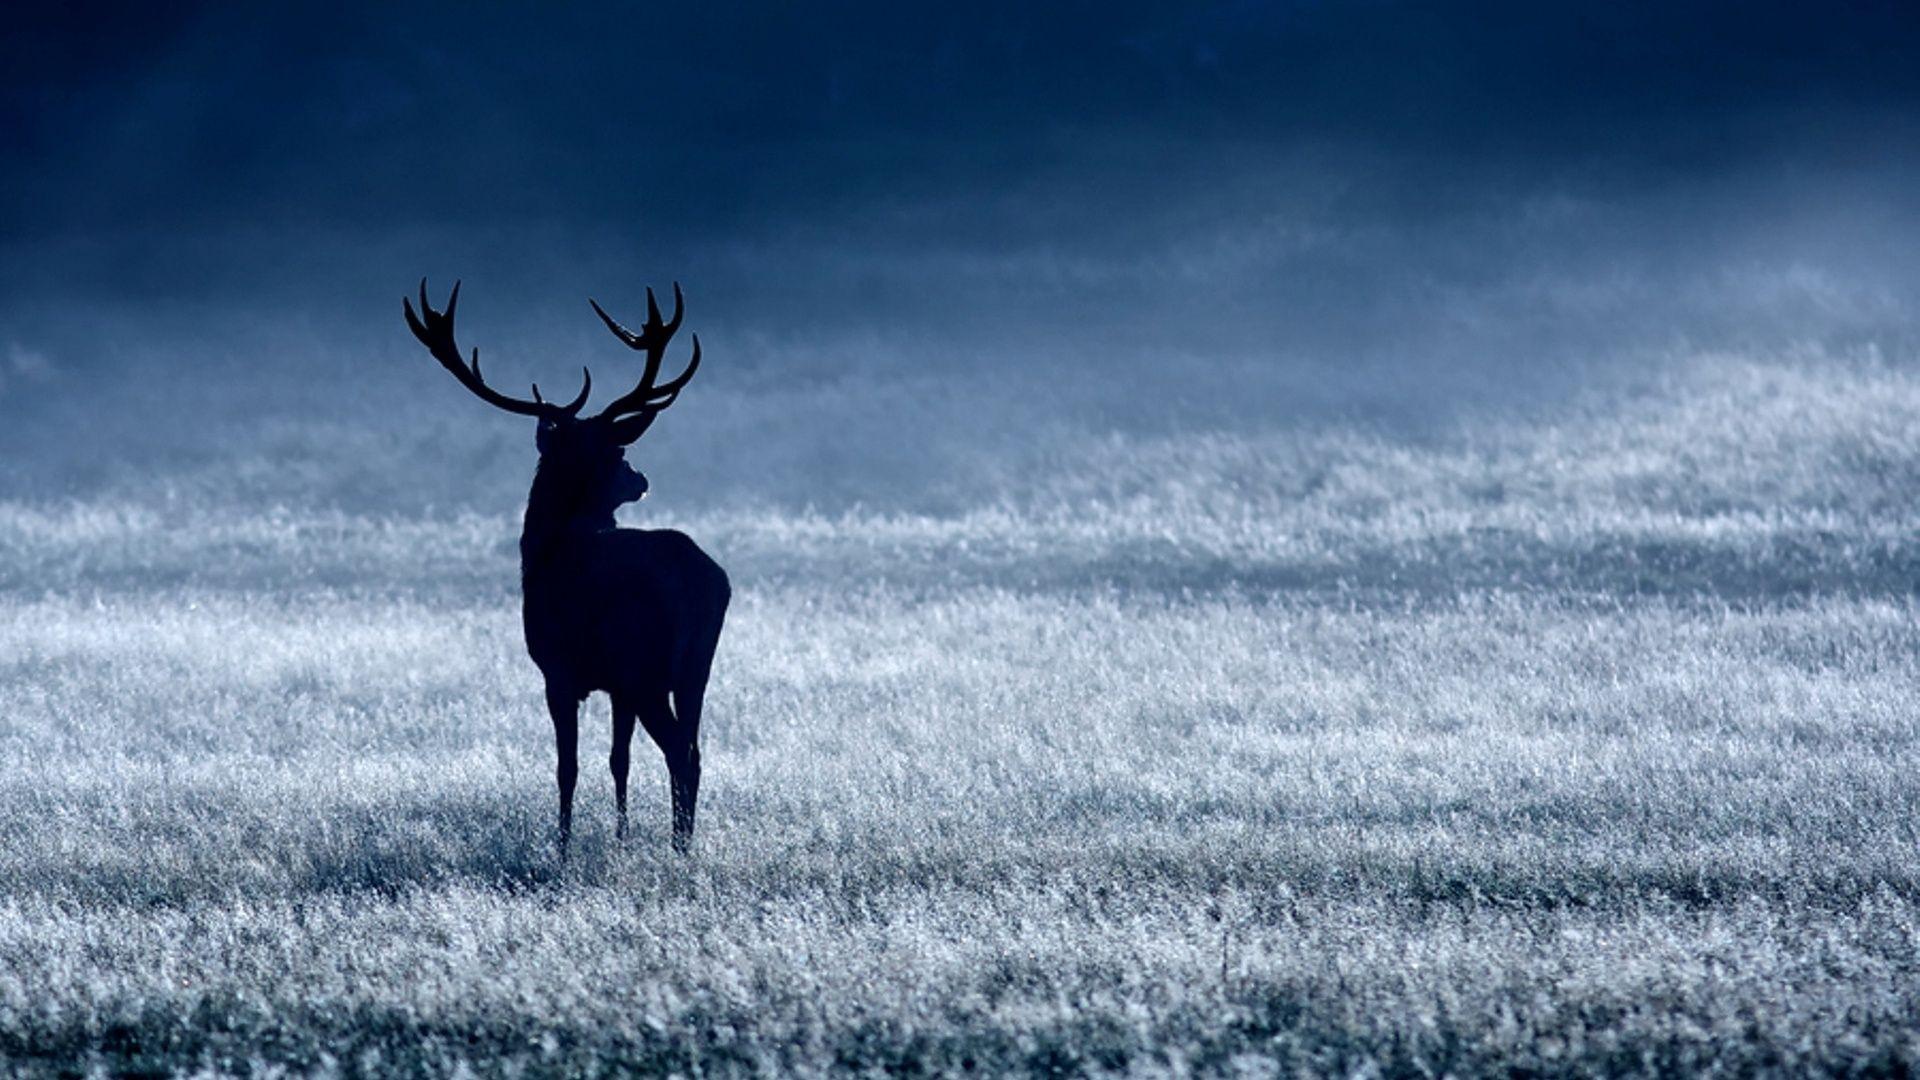 Deer beautiful wallpaper